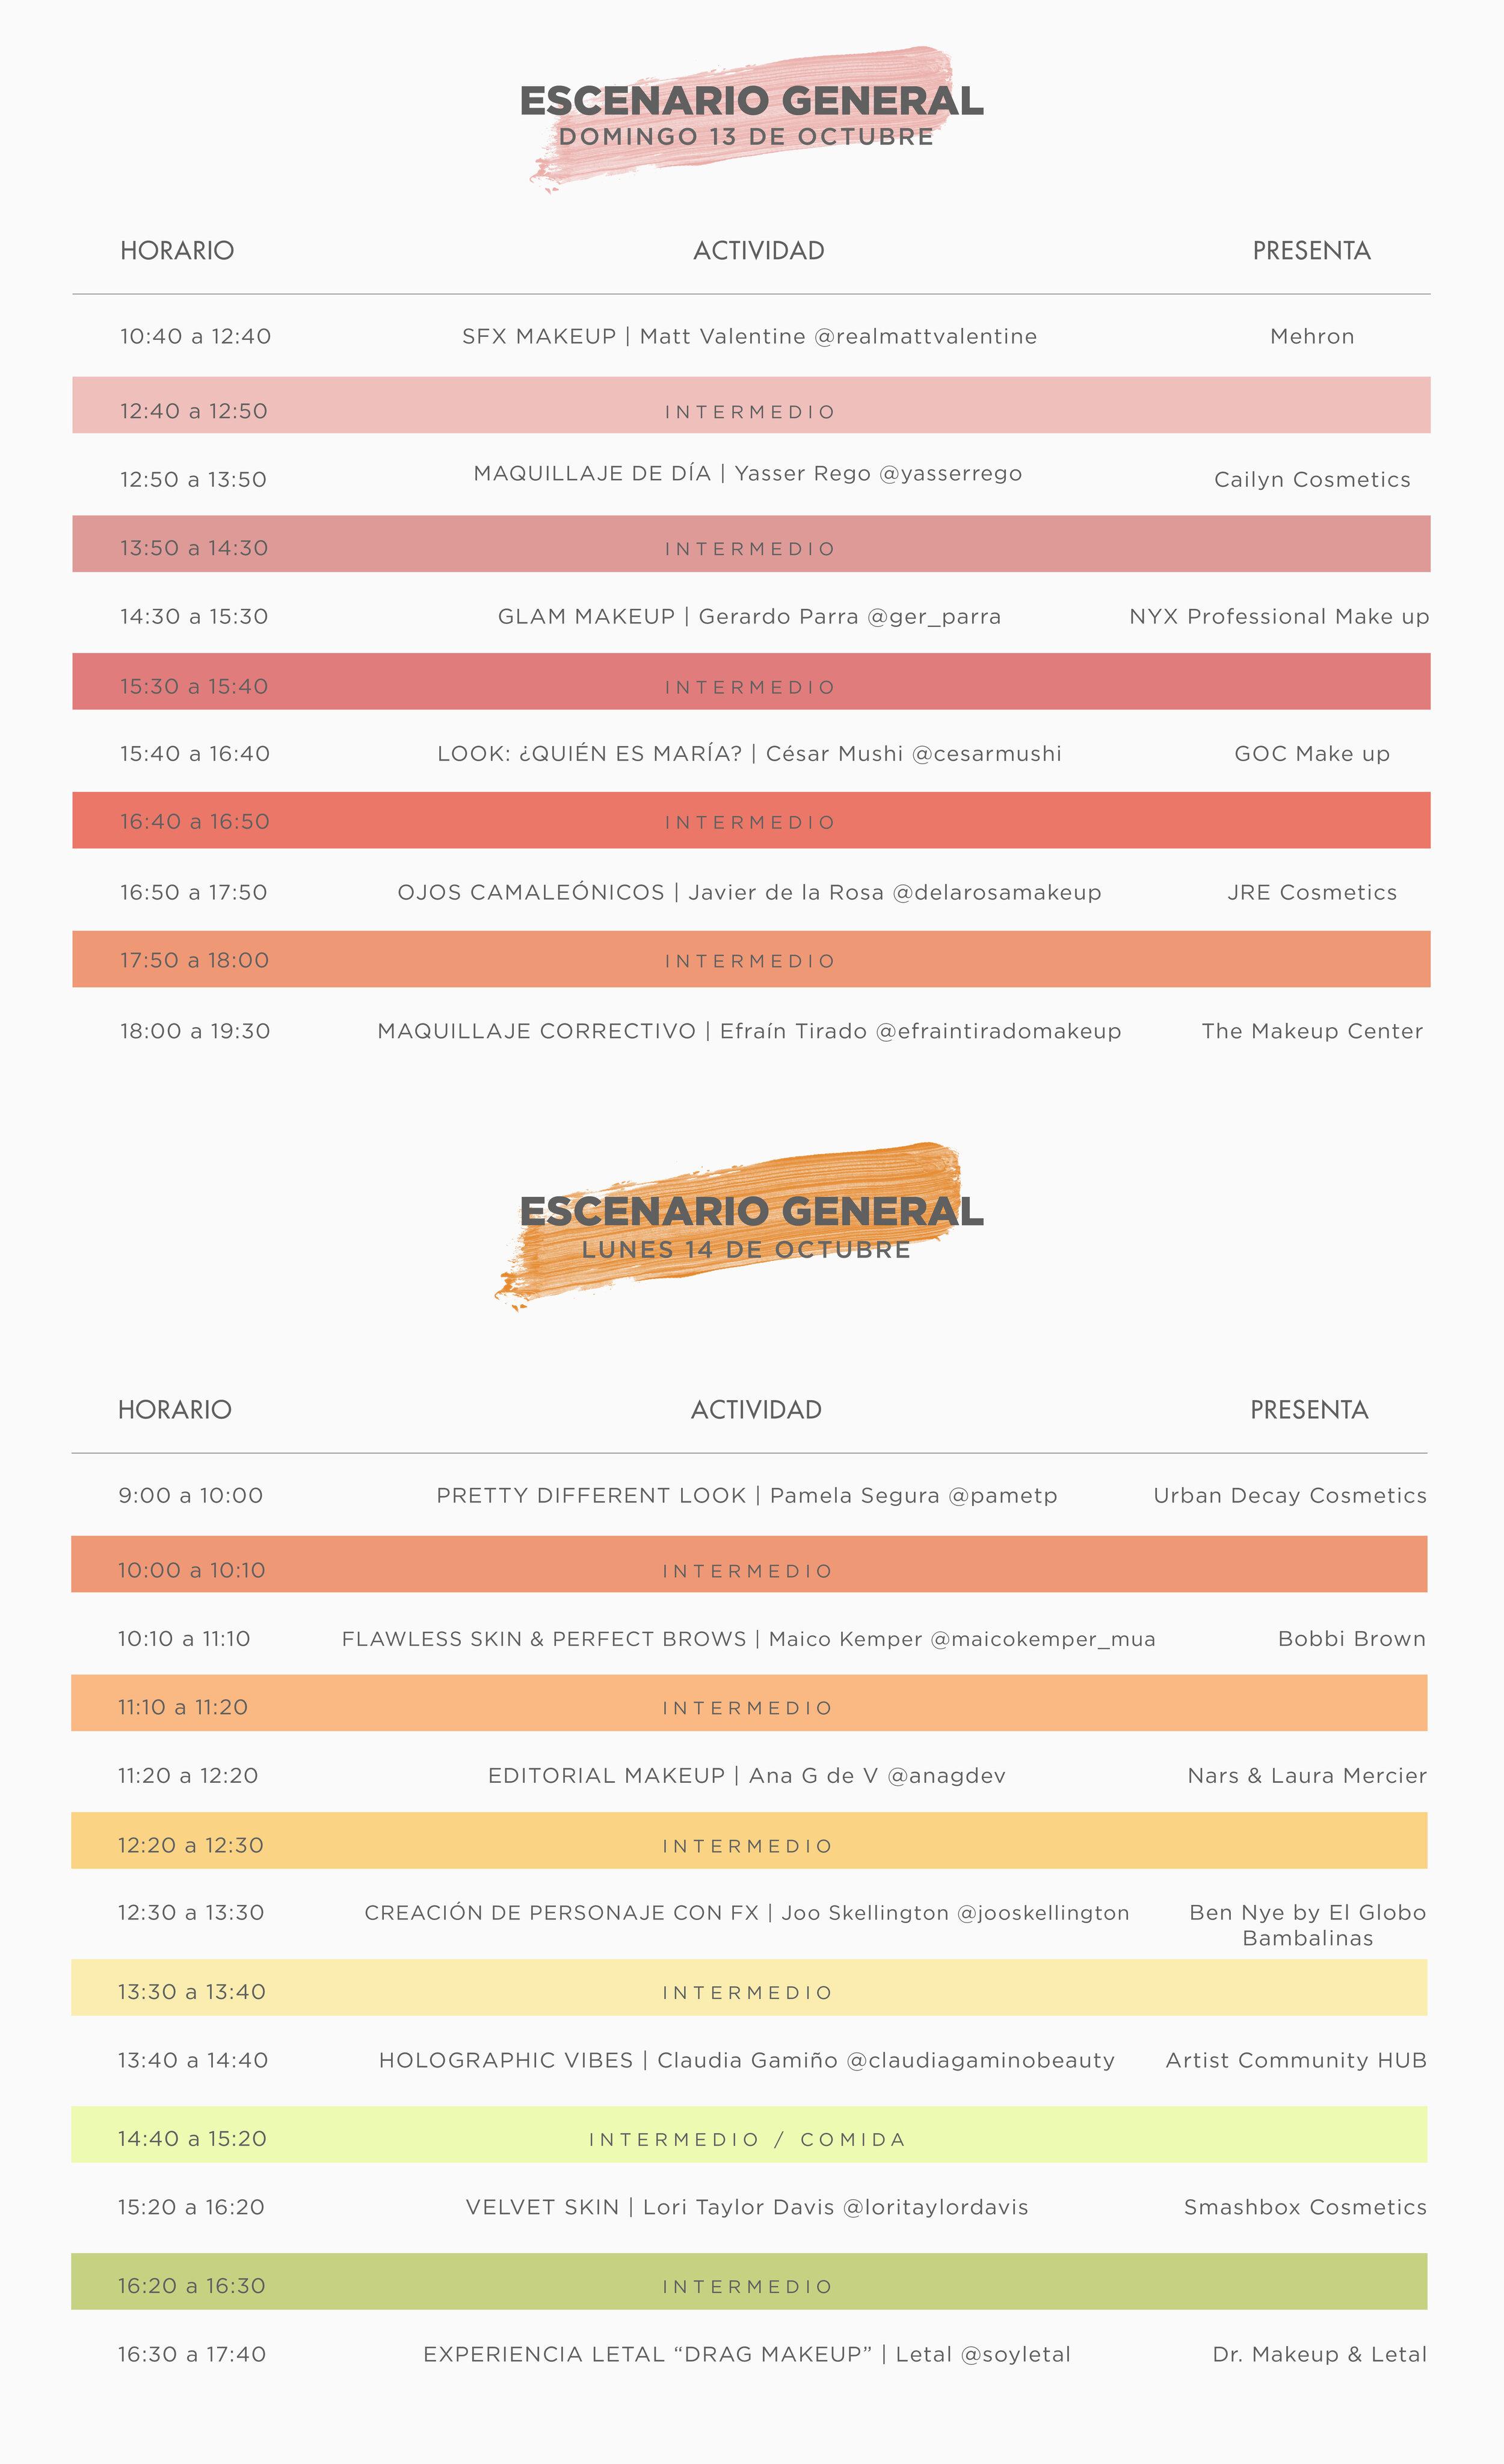 HUB_escenario generaL.jpg